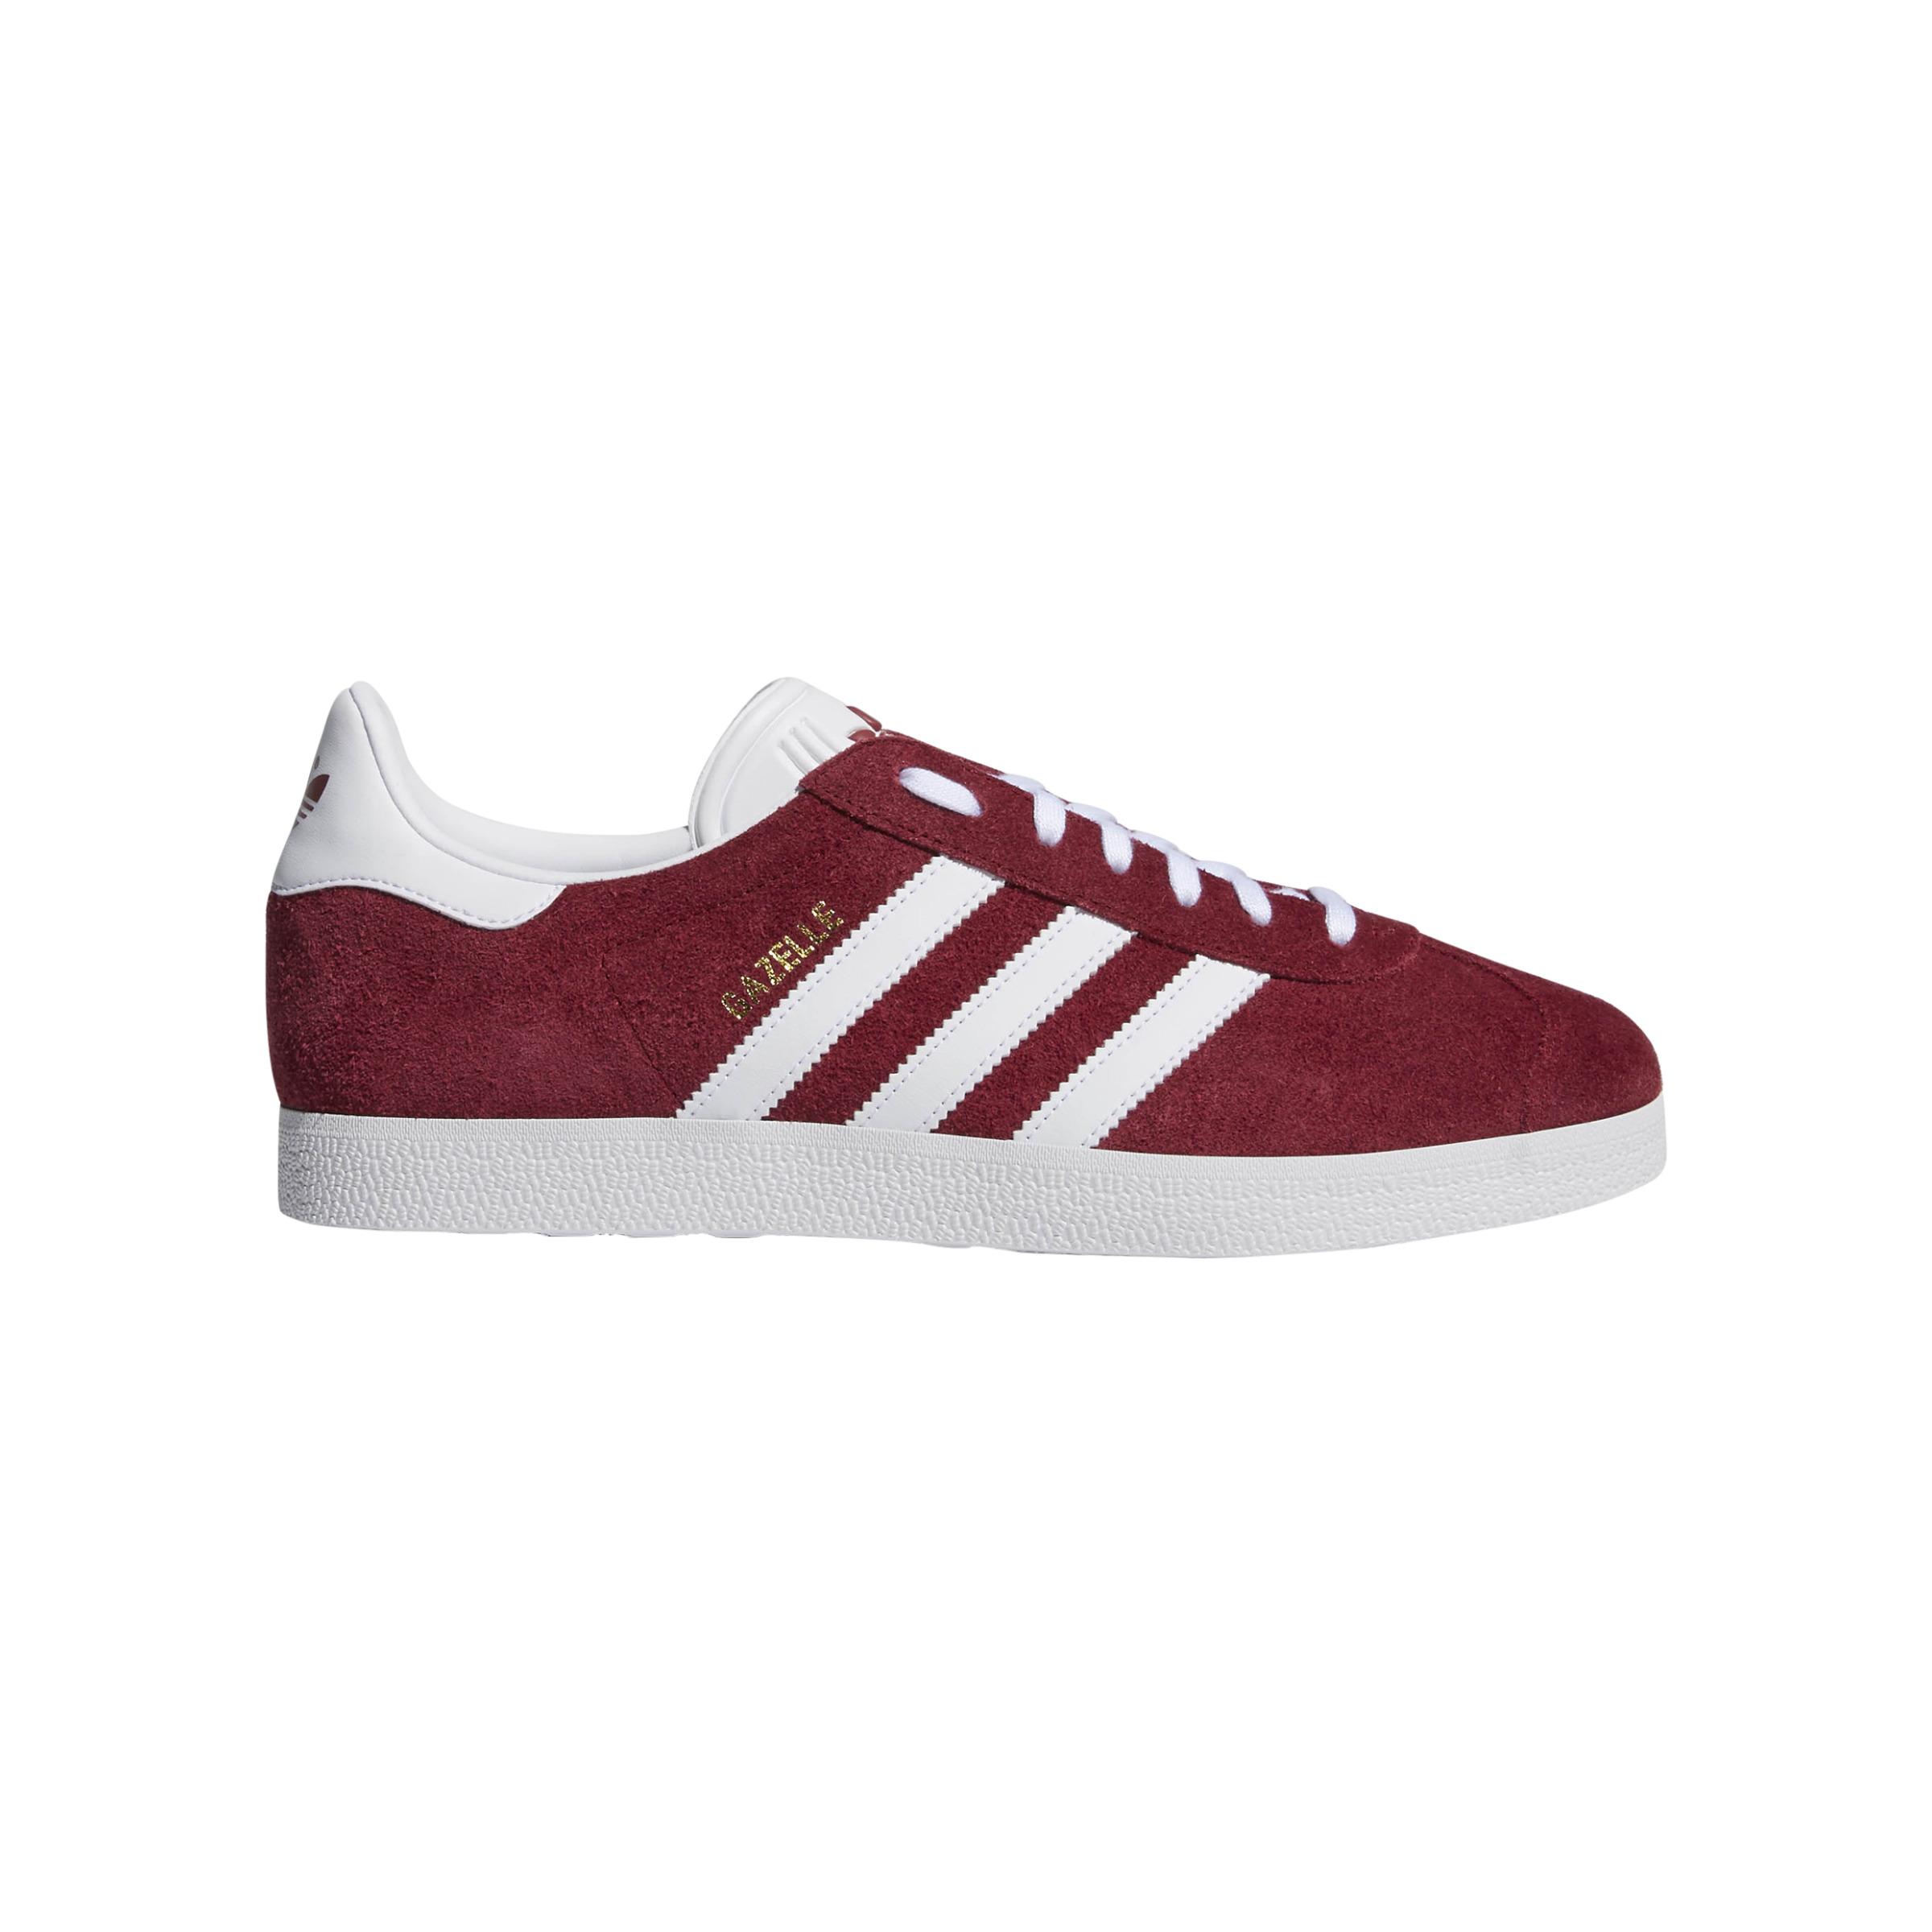 Sneaker Weiss Rot Adidas Gazelle Originals nwqE0qXI